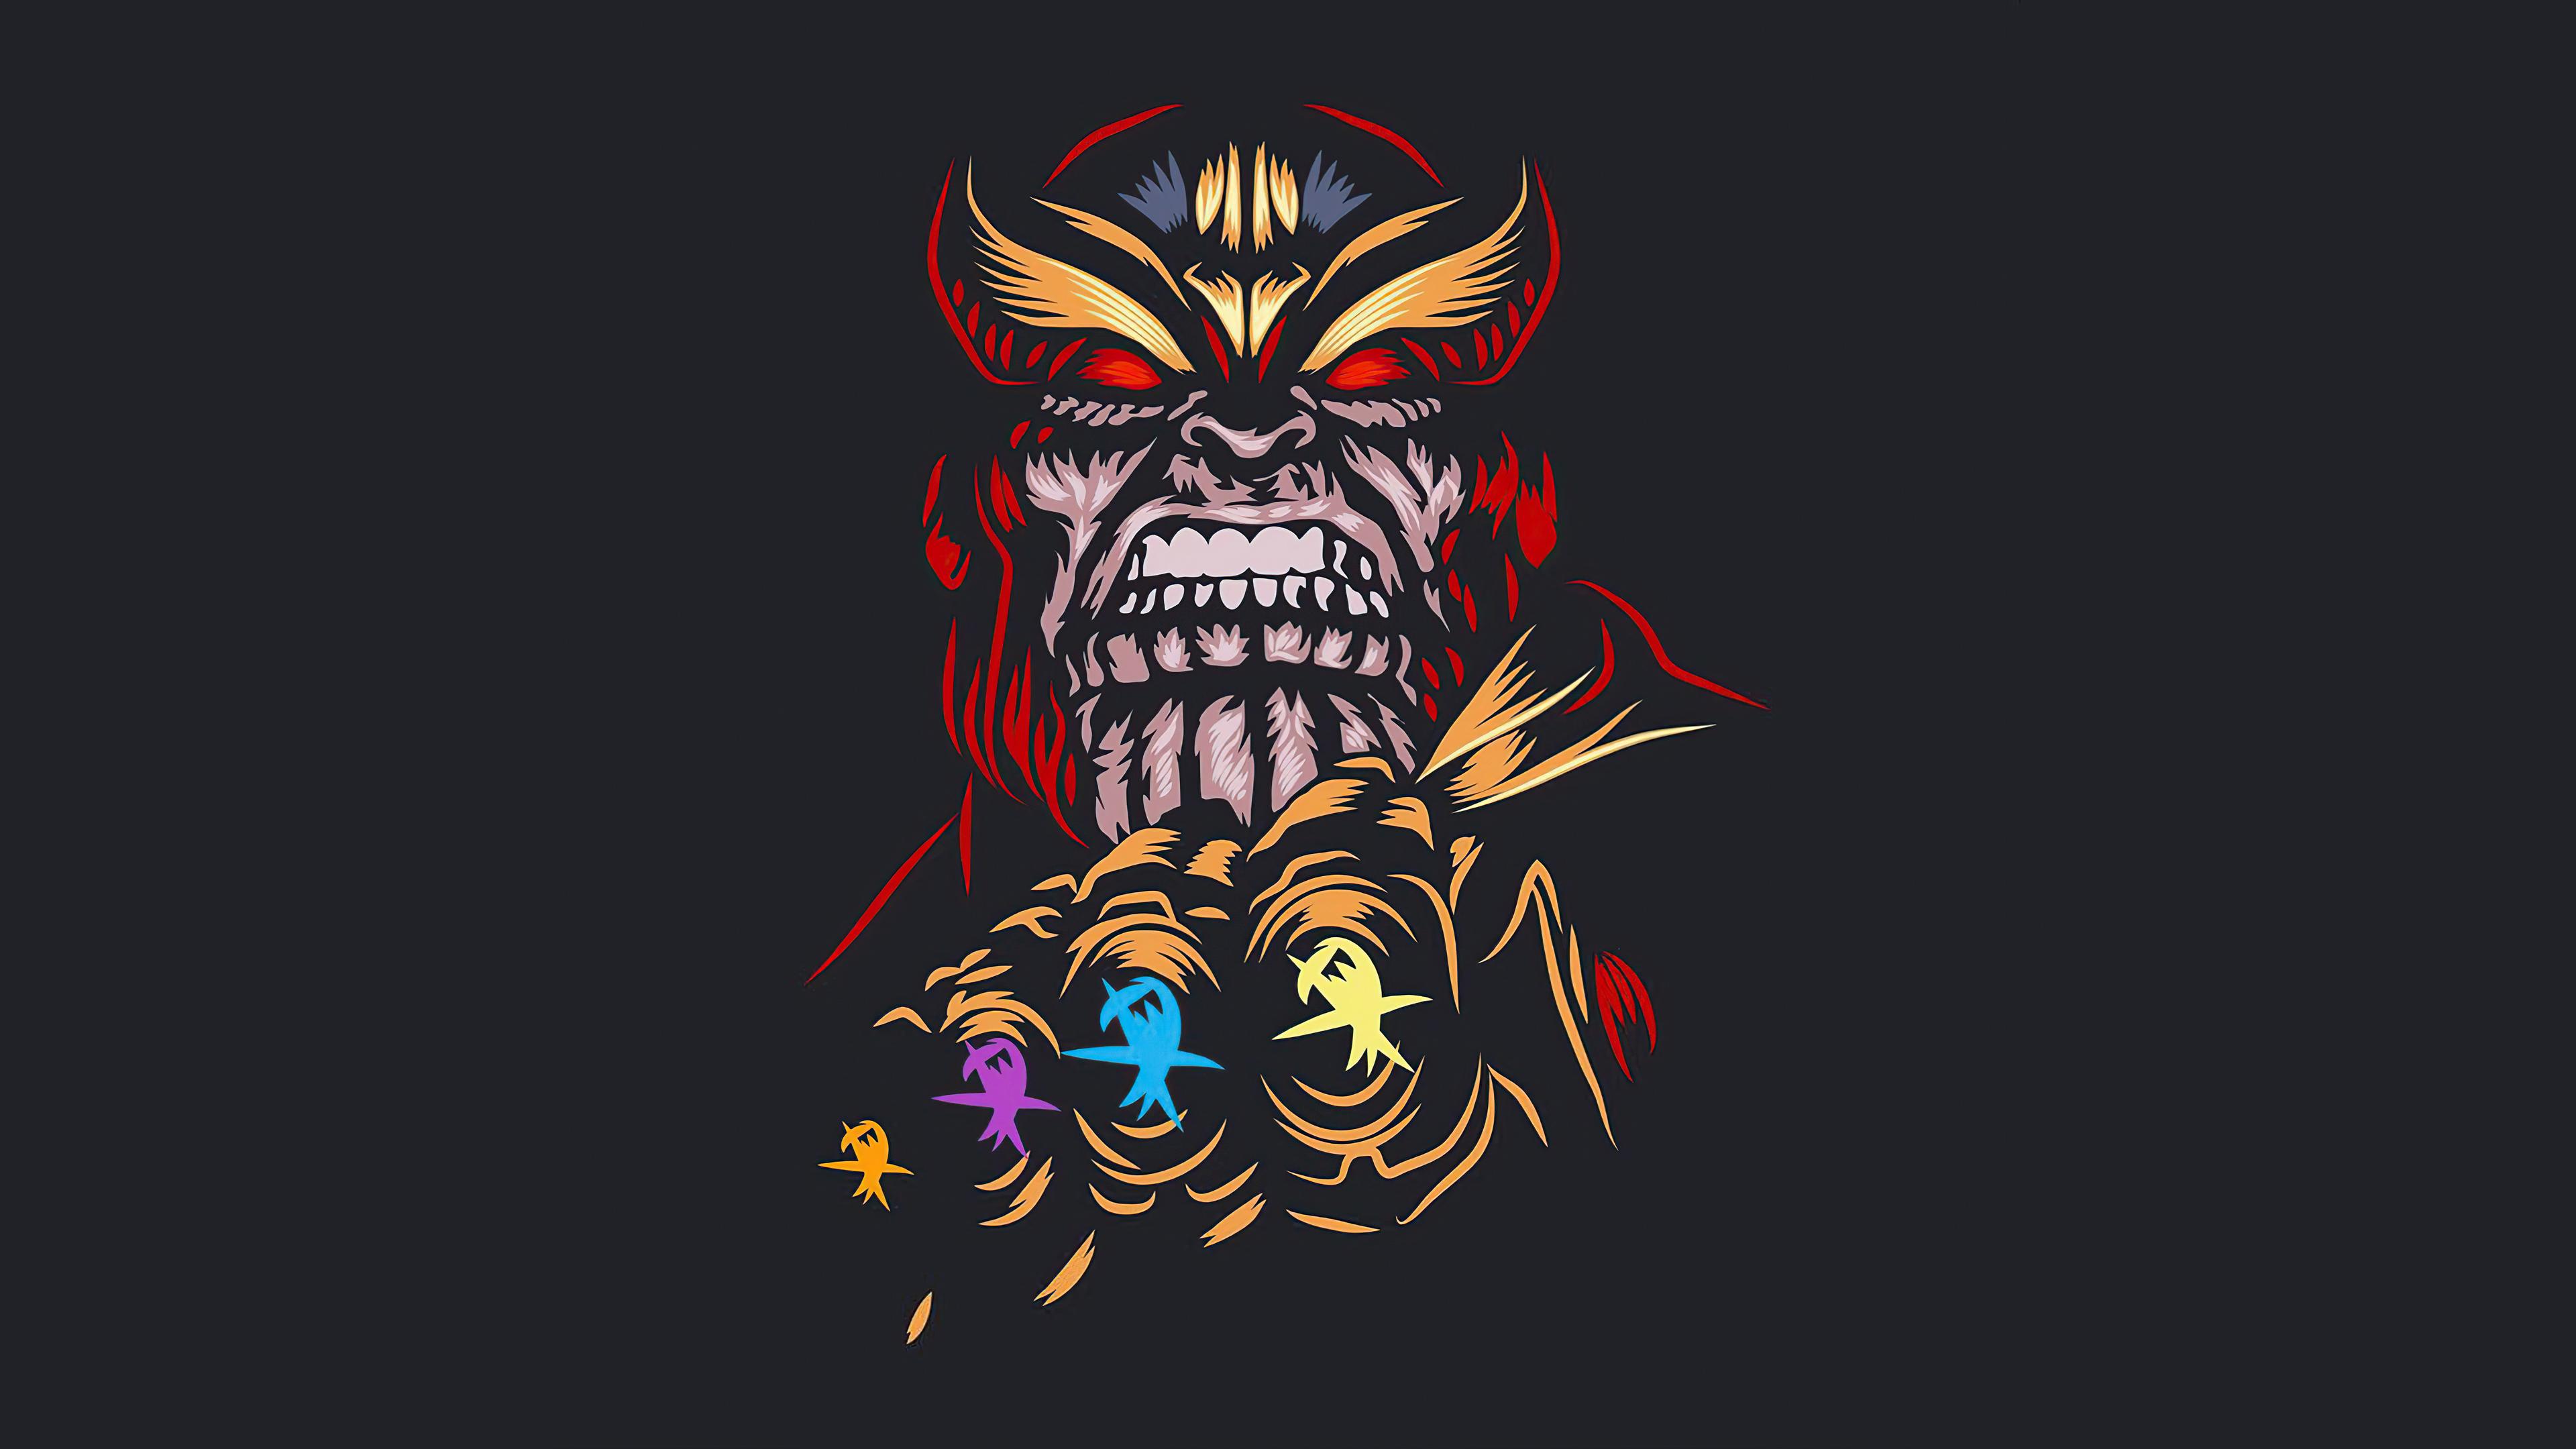 Thanos Dark Minimal 4k 2020 Wallpaper, HD Superheroes 4K ...